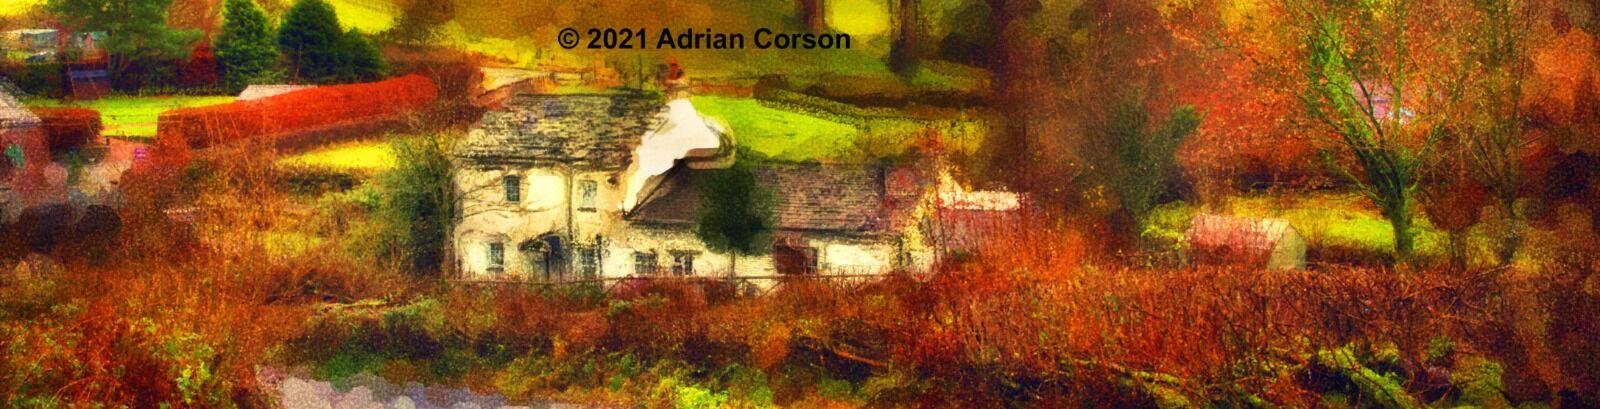 156-autumn farmhouse